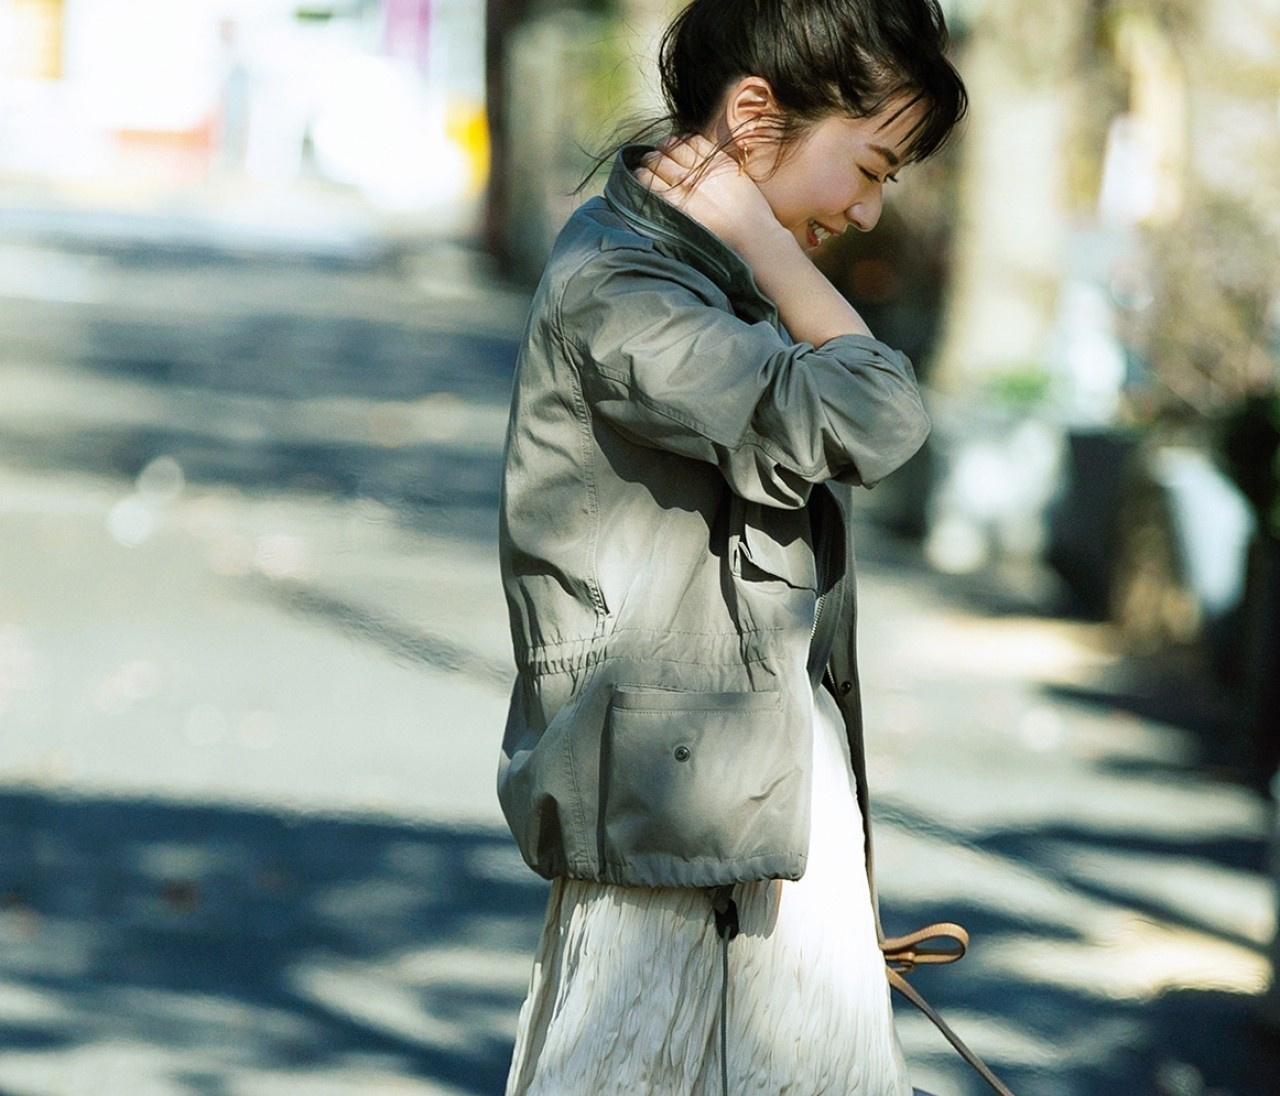 【伊藤真知さんの春いちユニクロ】プリーツスカートは「シワ加工」でこなれ感を!